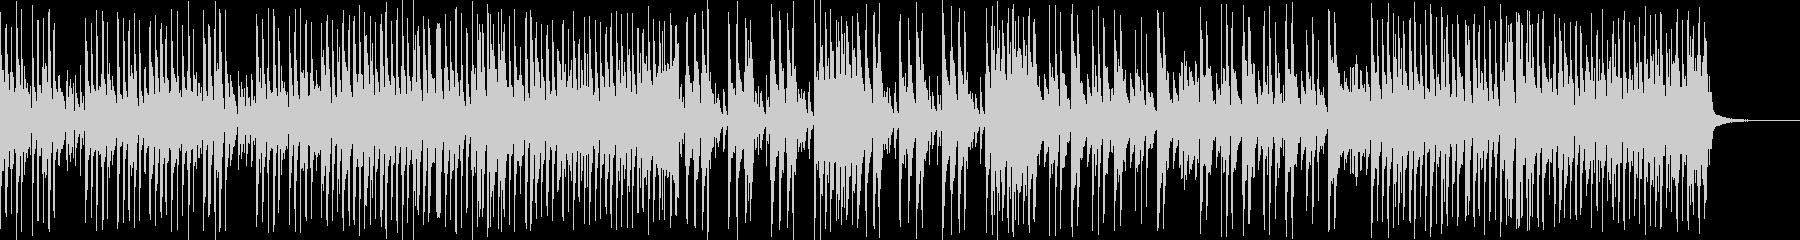 生演奏三味線 和風ロック和を伝えるBGMの未再生の波形